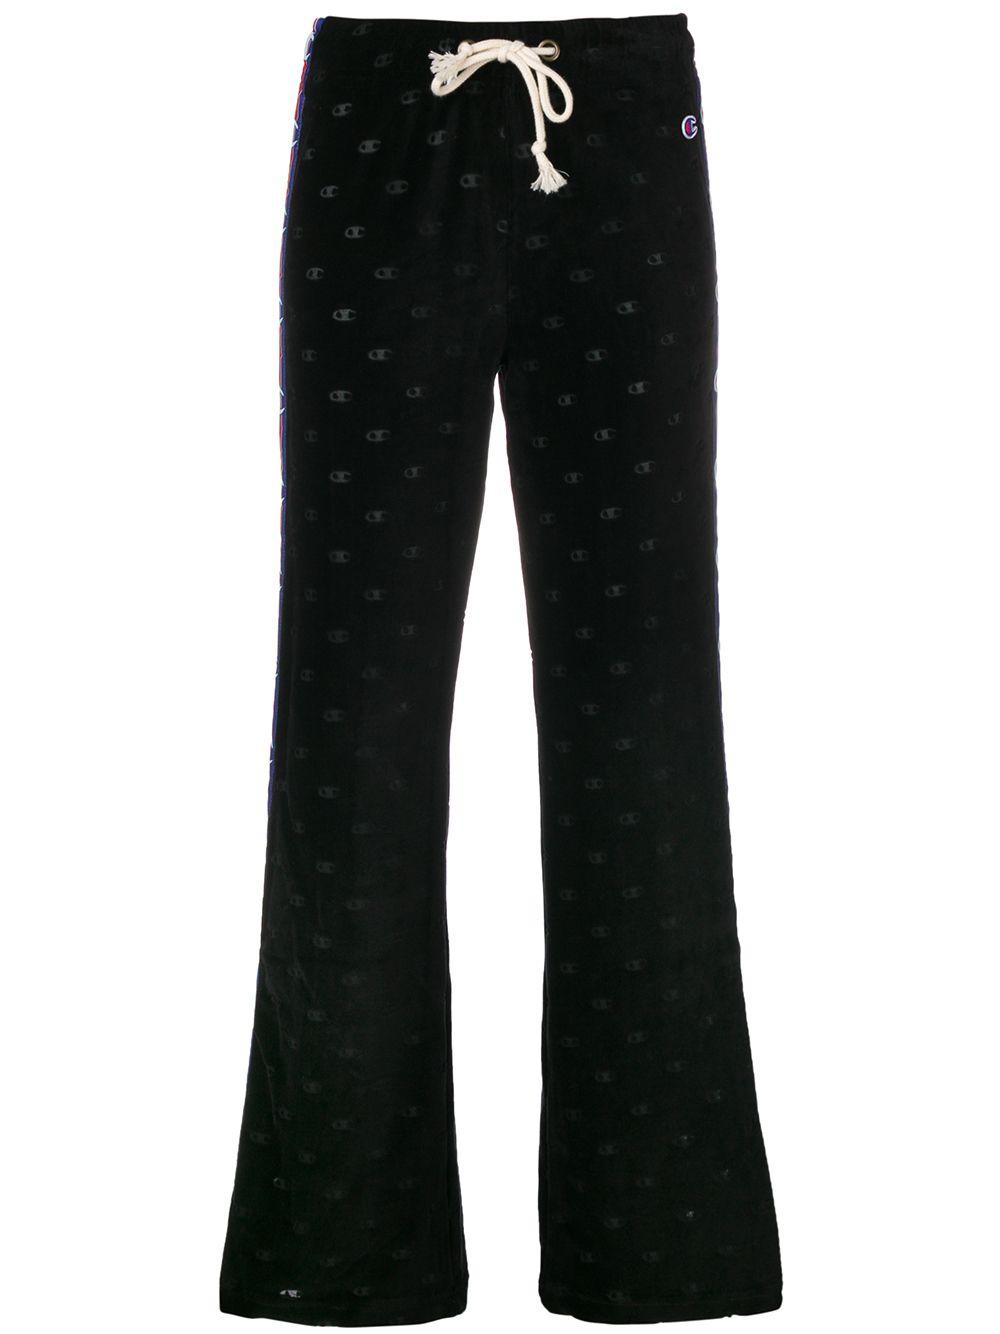 74d2bd3168 Champion logo stripe sports trousers - Black - Glami.sk